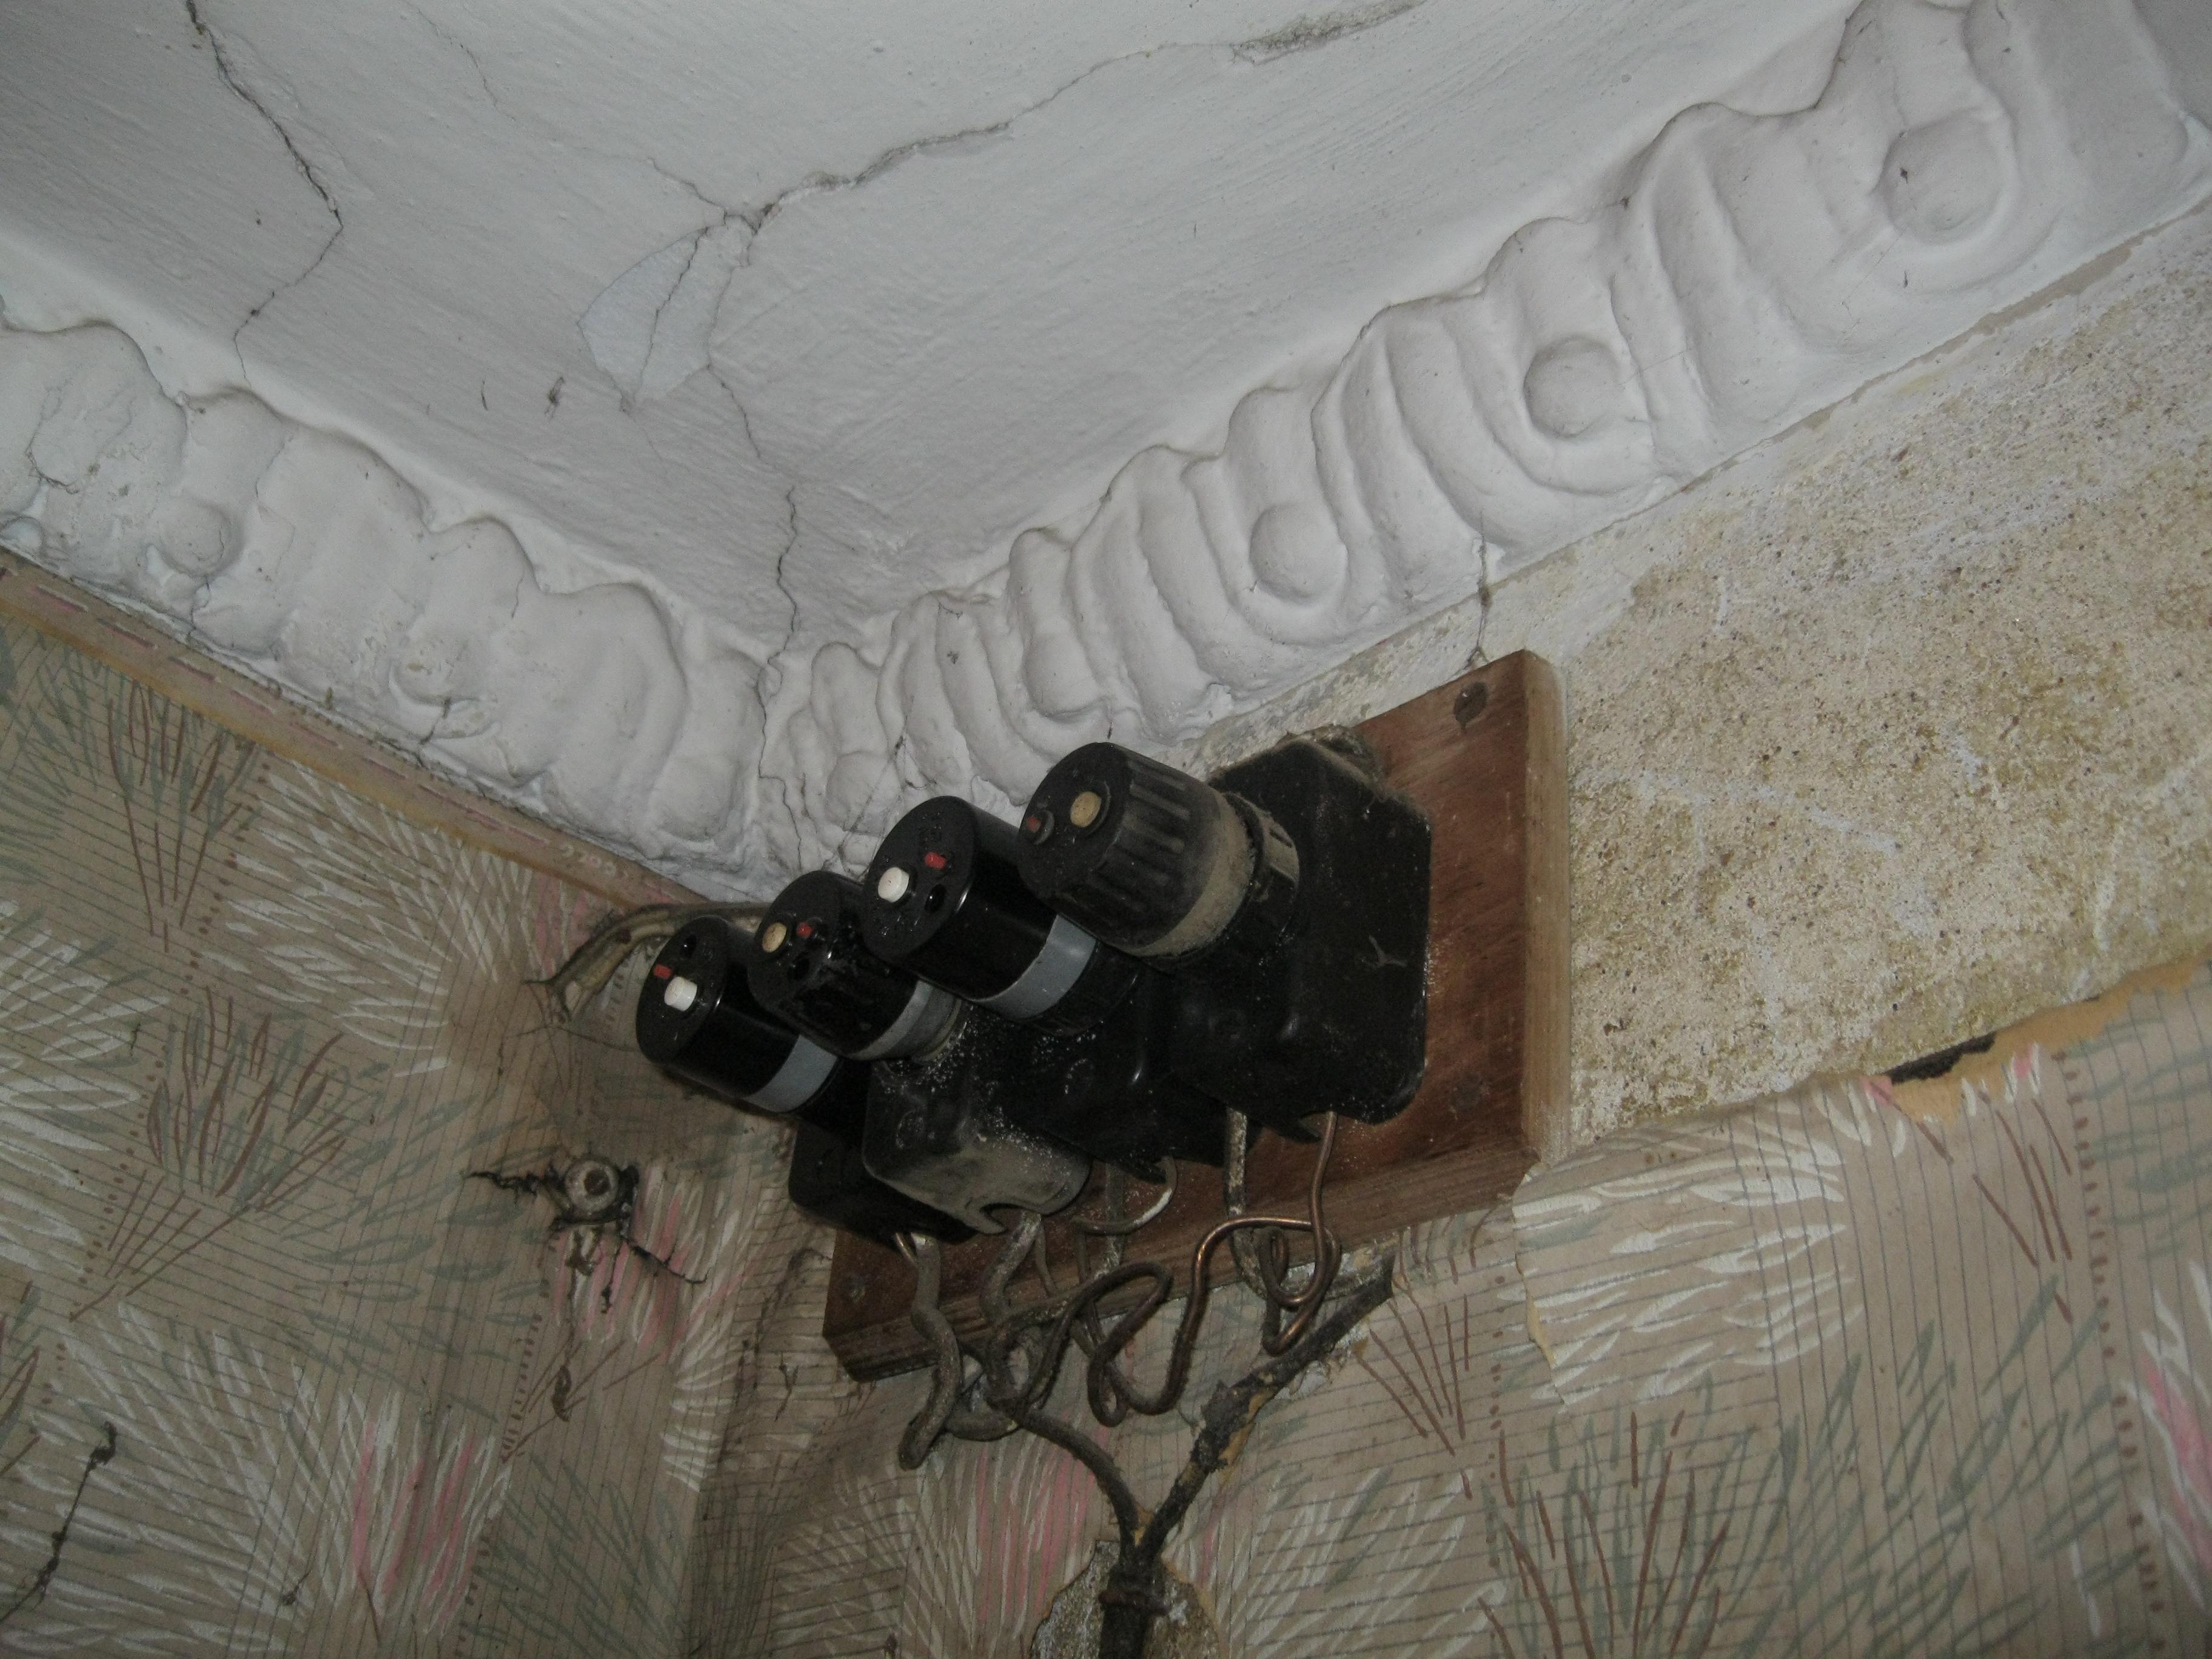 Сталинская лепнина в интерьере коммунальной квартиры в 2-этажном жилом доме на Балтийской улице (Кировский район Ленинграда / Санкт-Петербурга), октябрь 2013 года.